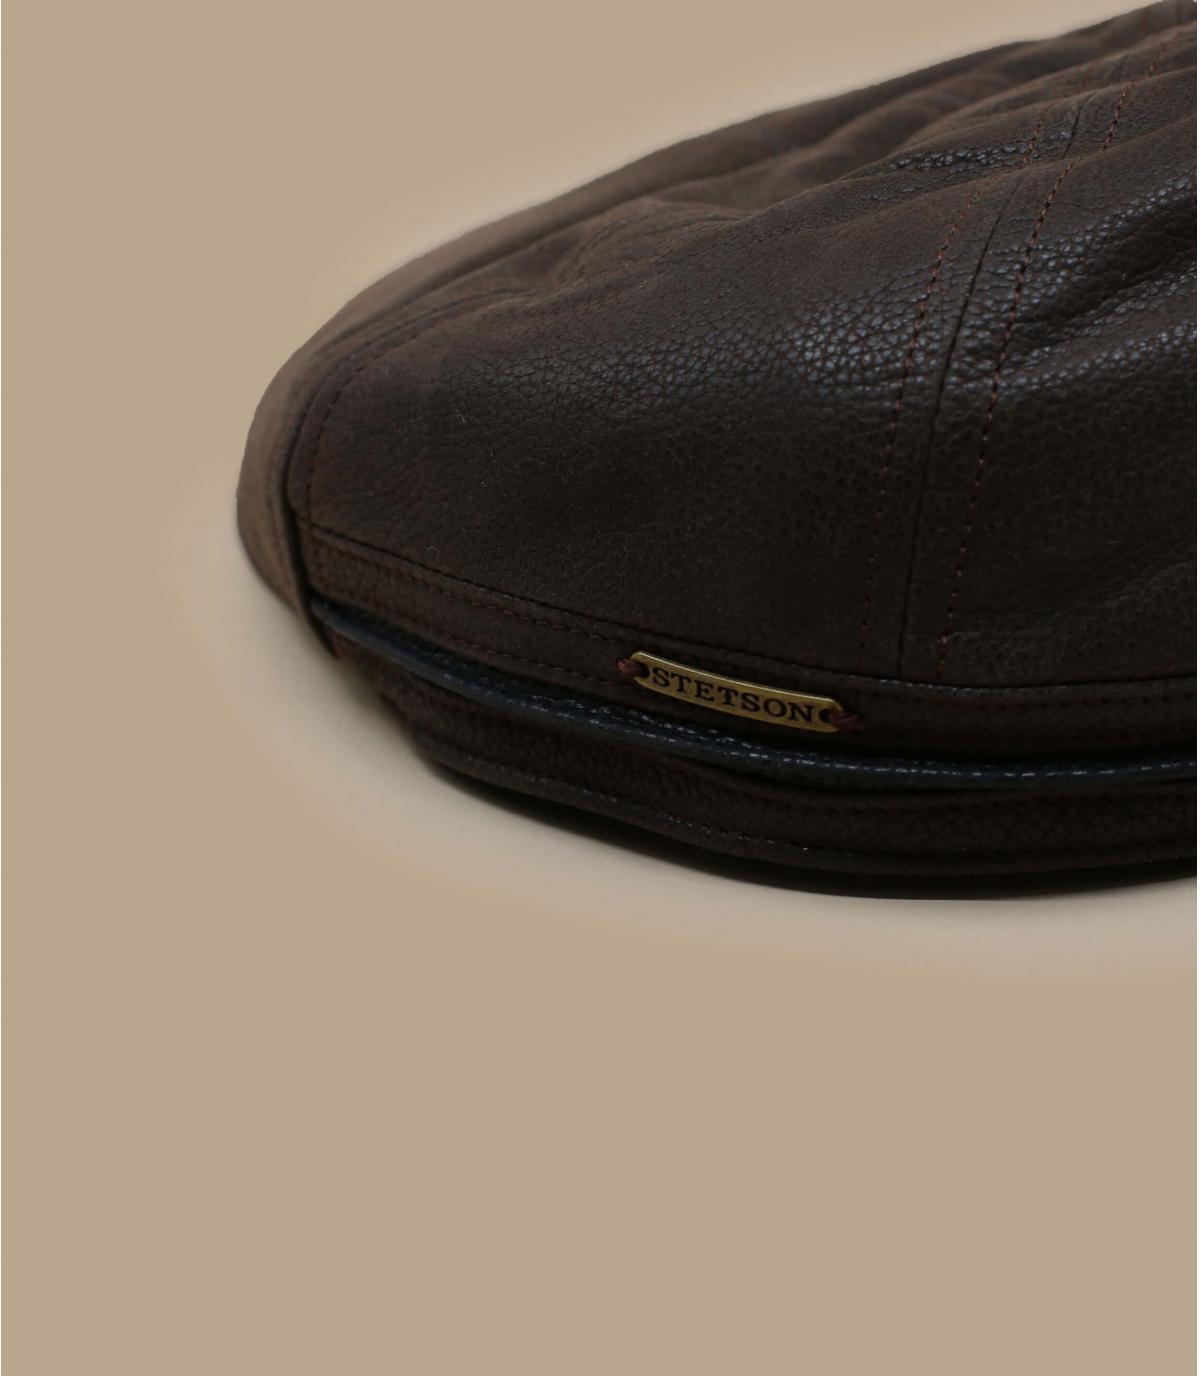 Detalles Redding Earflap Cowhide brown imagen 2